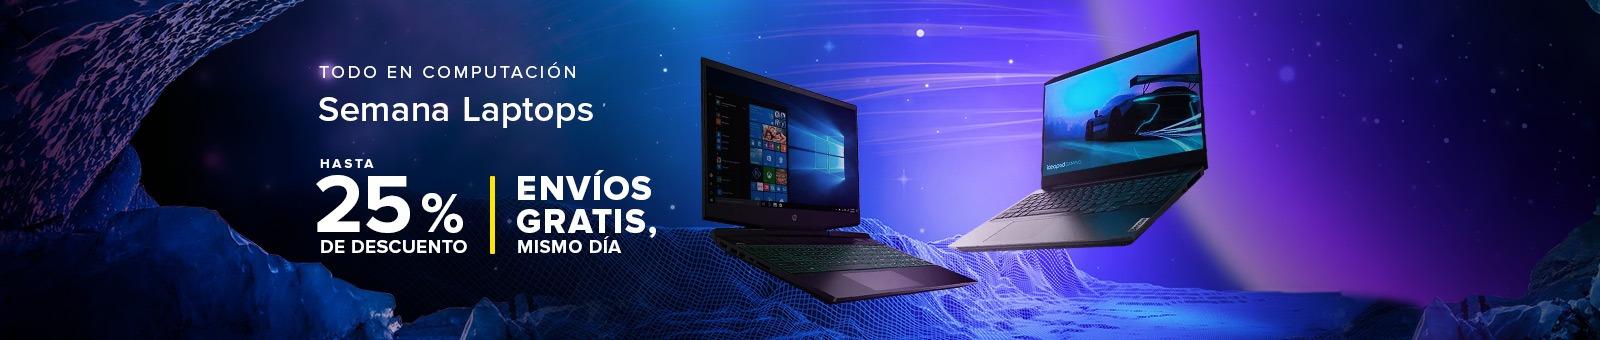 Computación Flag Laptops